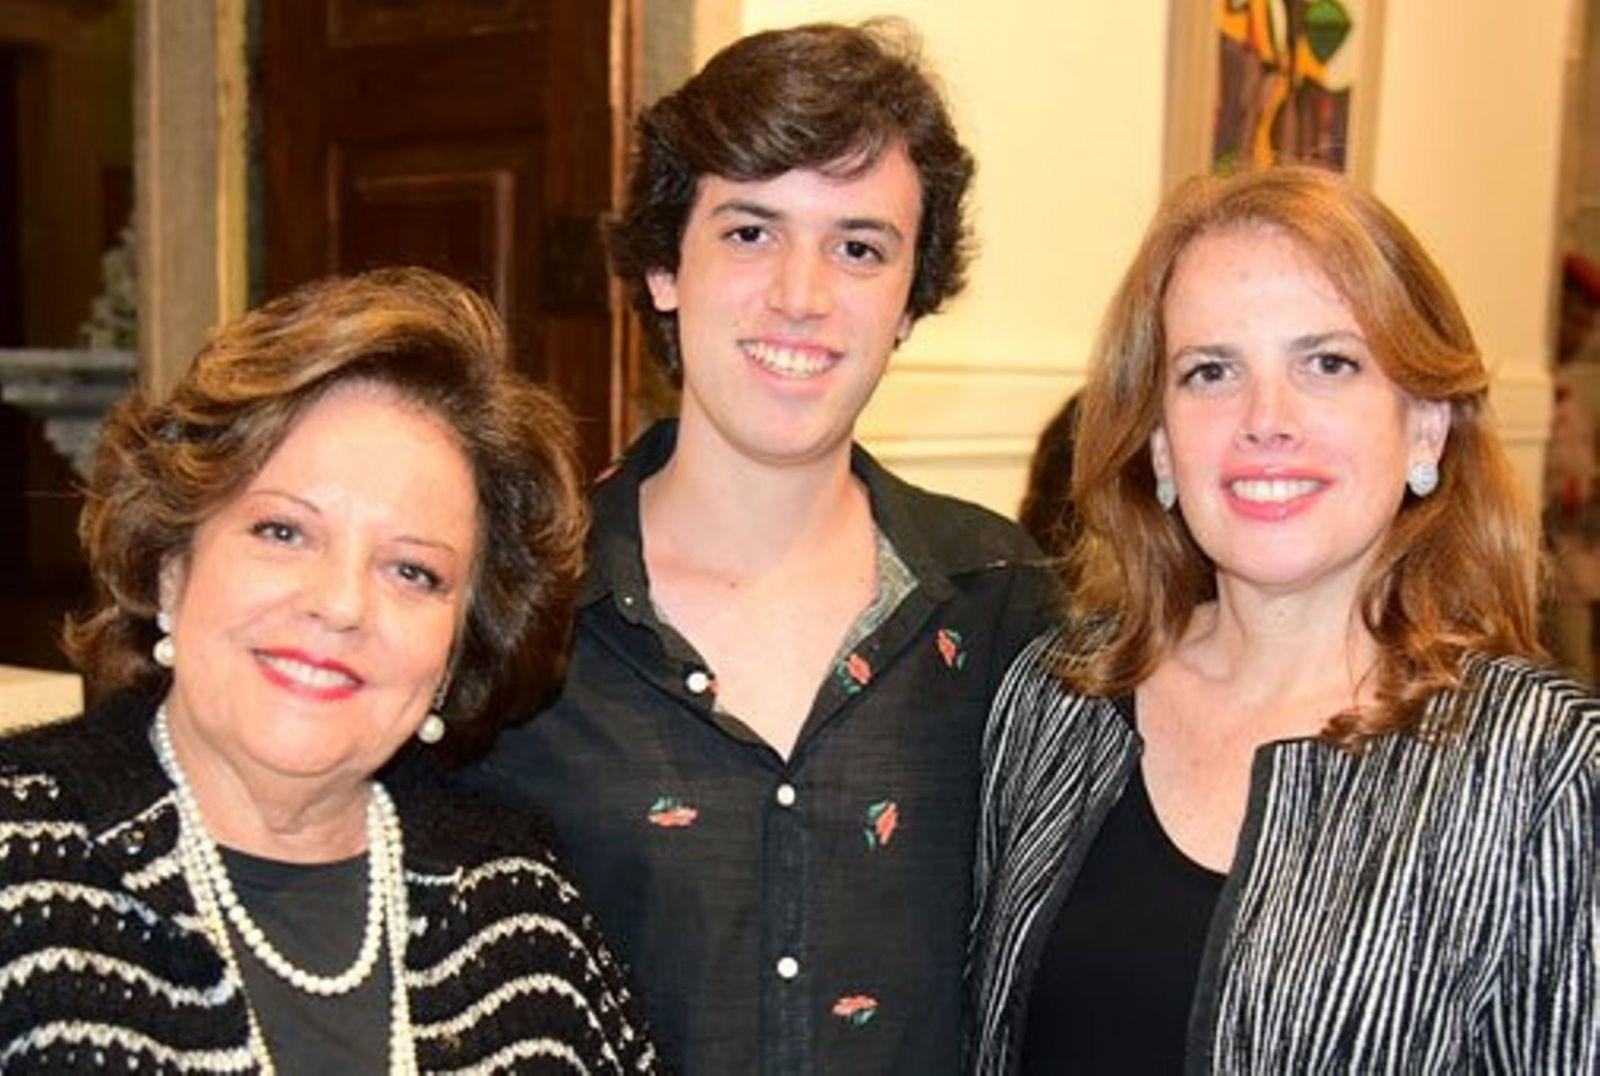 Fernanda Freitas a aniversariante do último dia 4 de junho, na foto ela está com sua mãe Janete Freitas e seu filho Flávio Freitas Roth